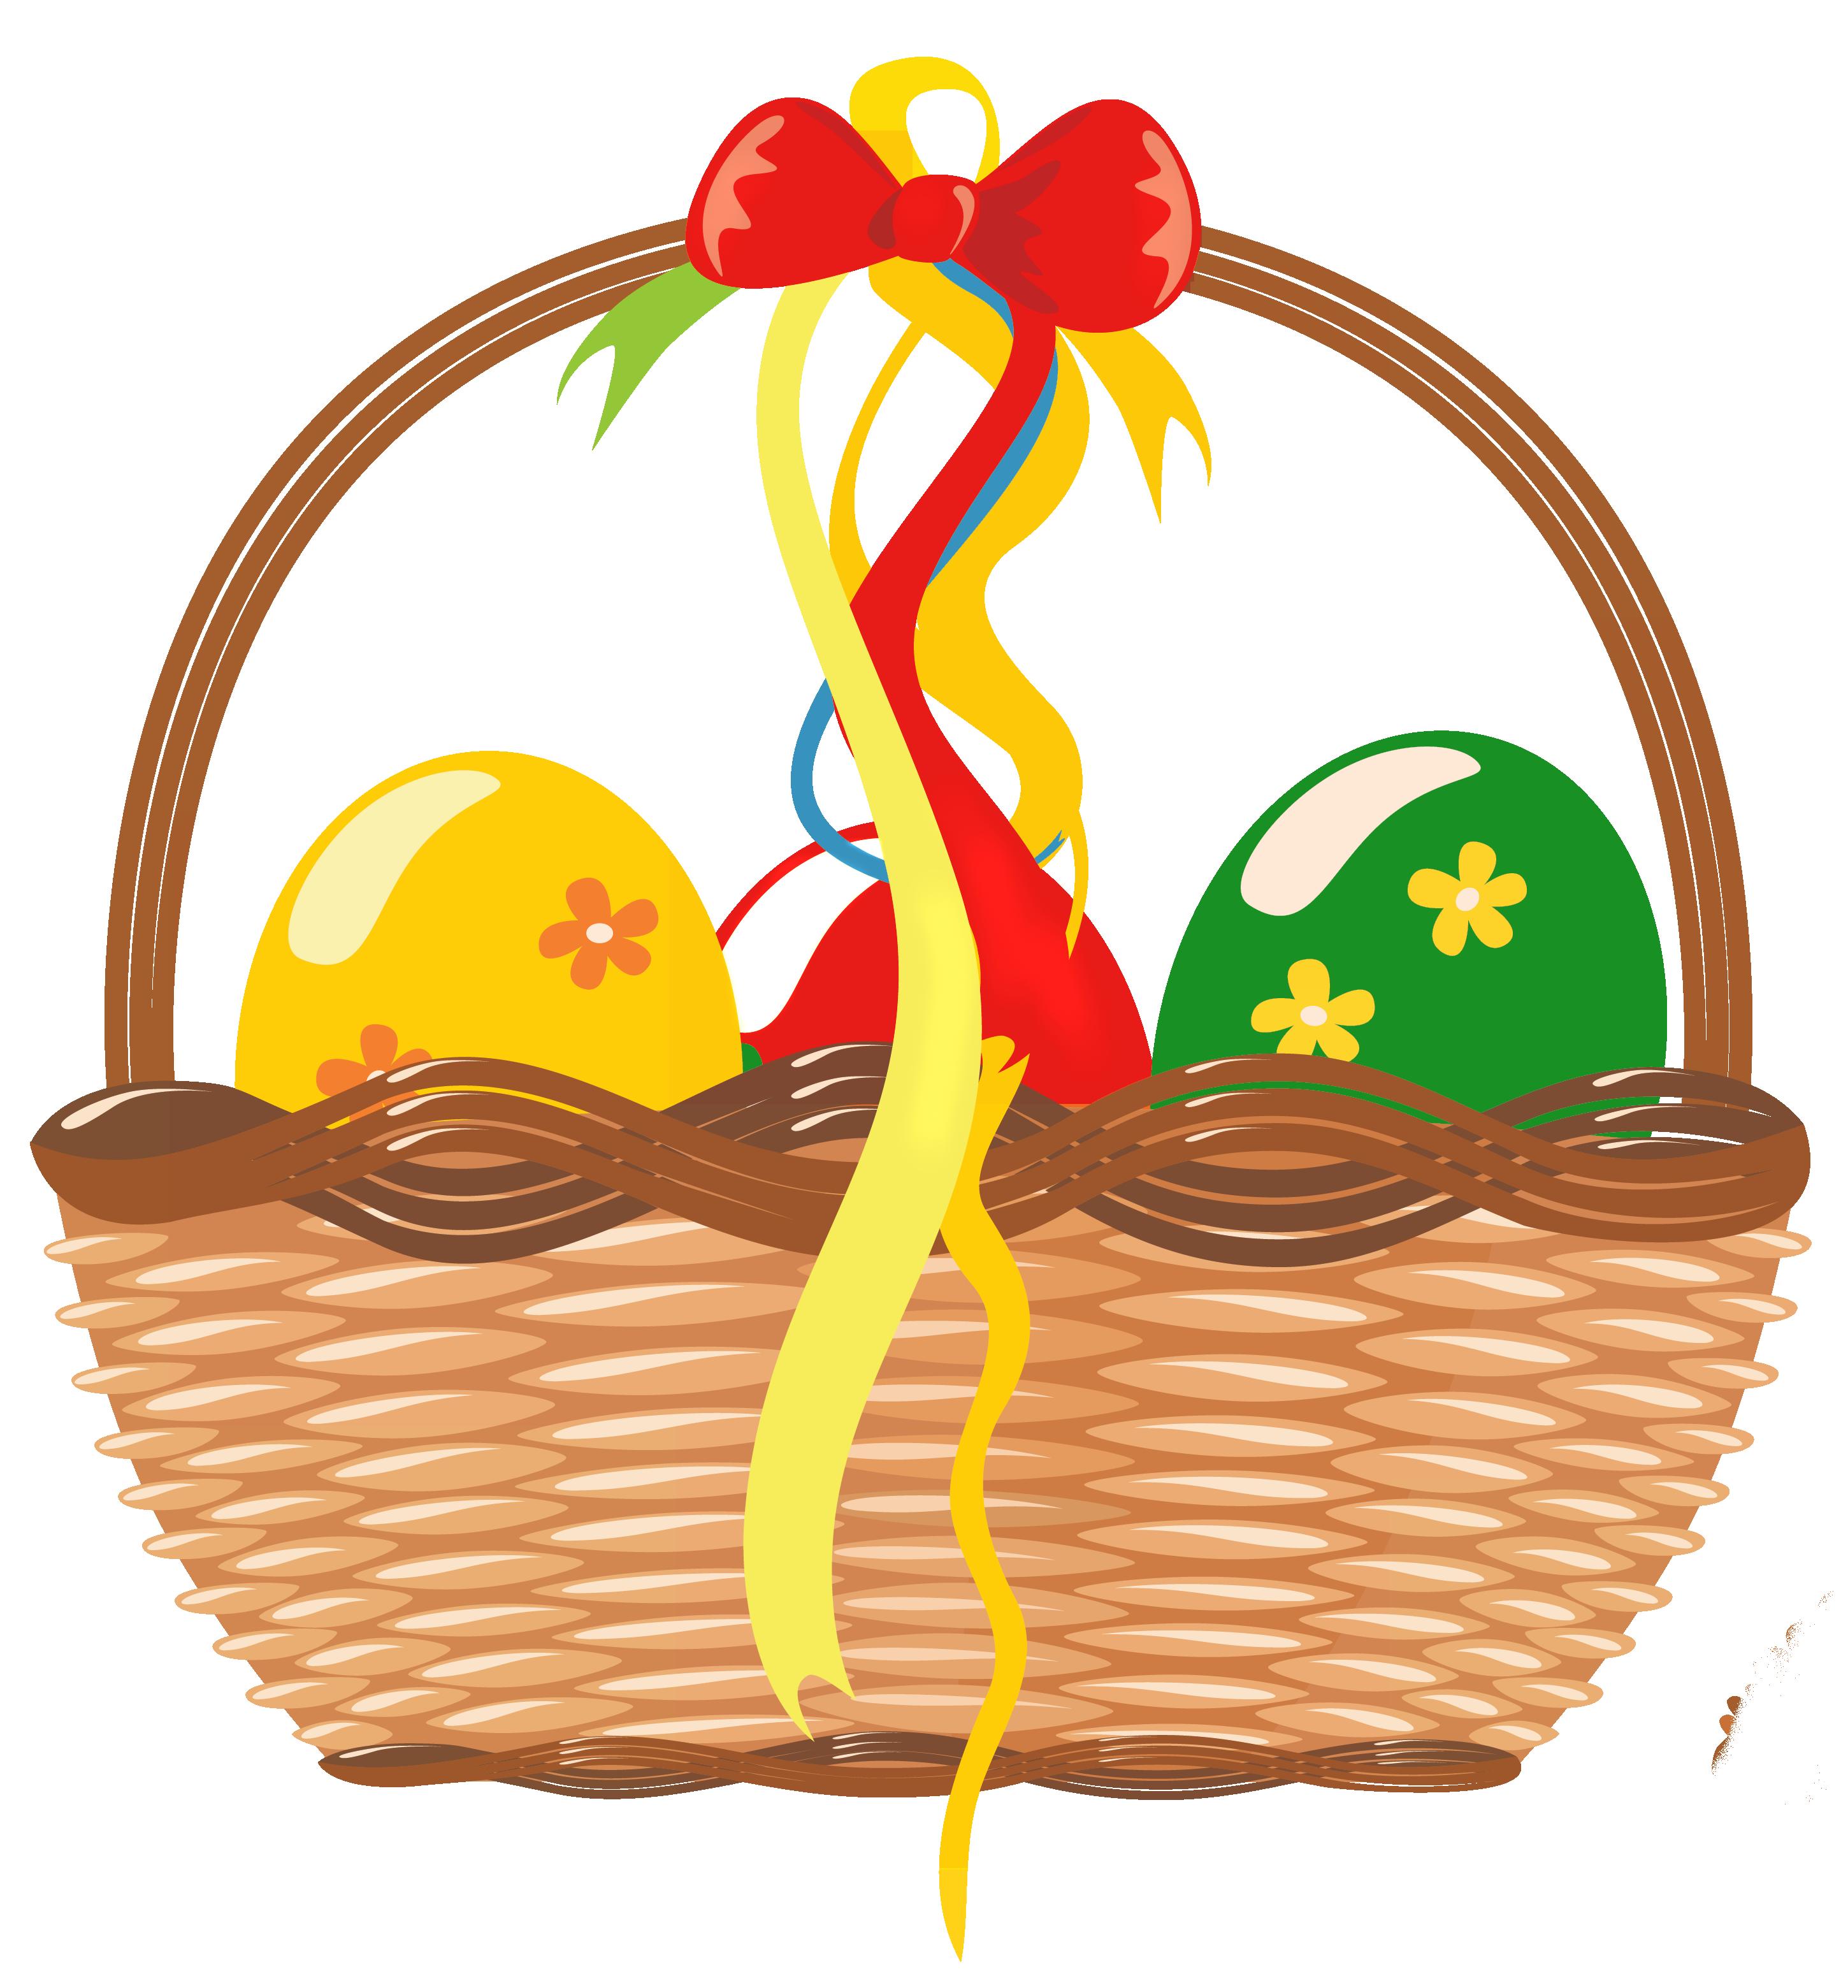 Gift clipart flower basket #2 - Gift Basket PNG HD